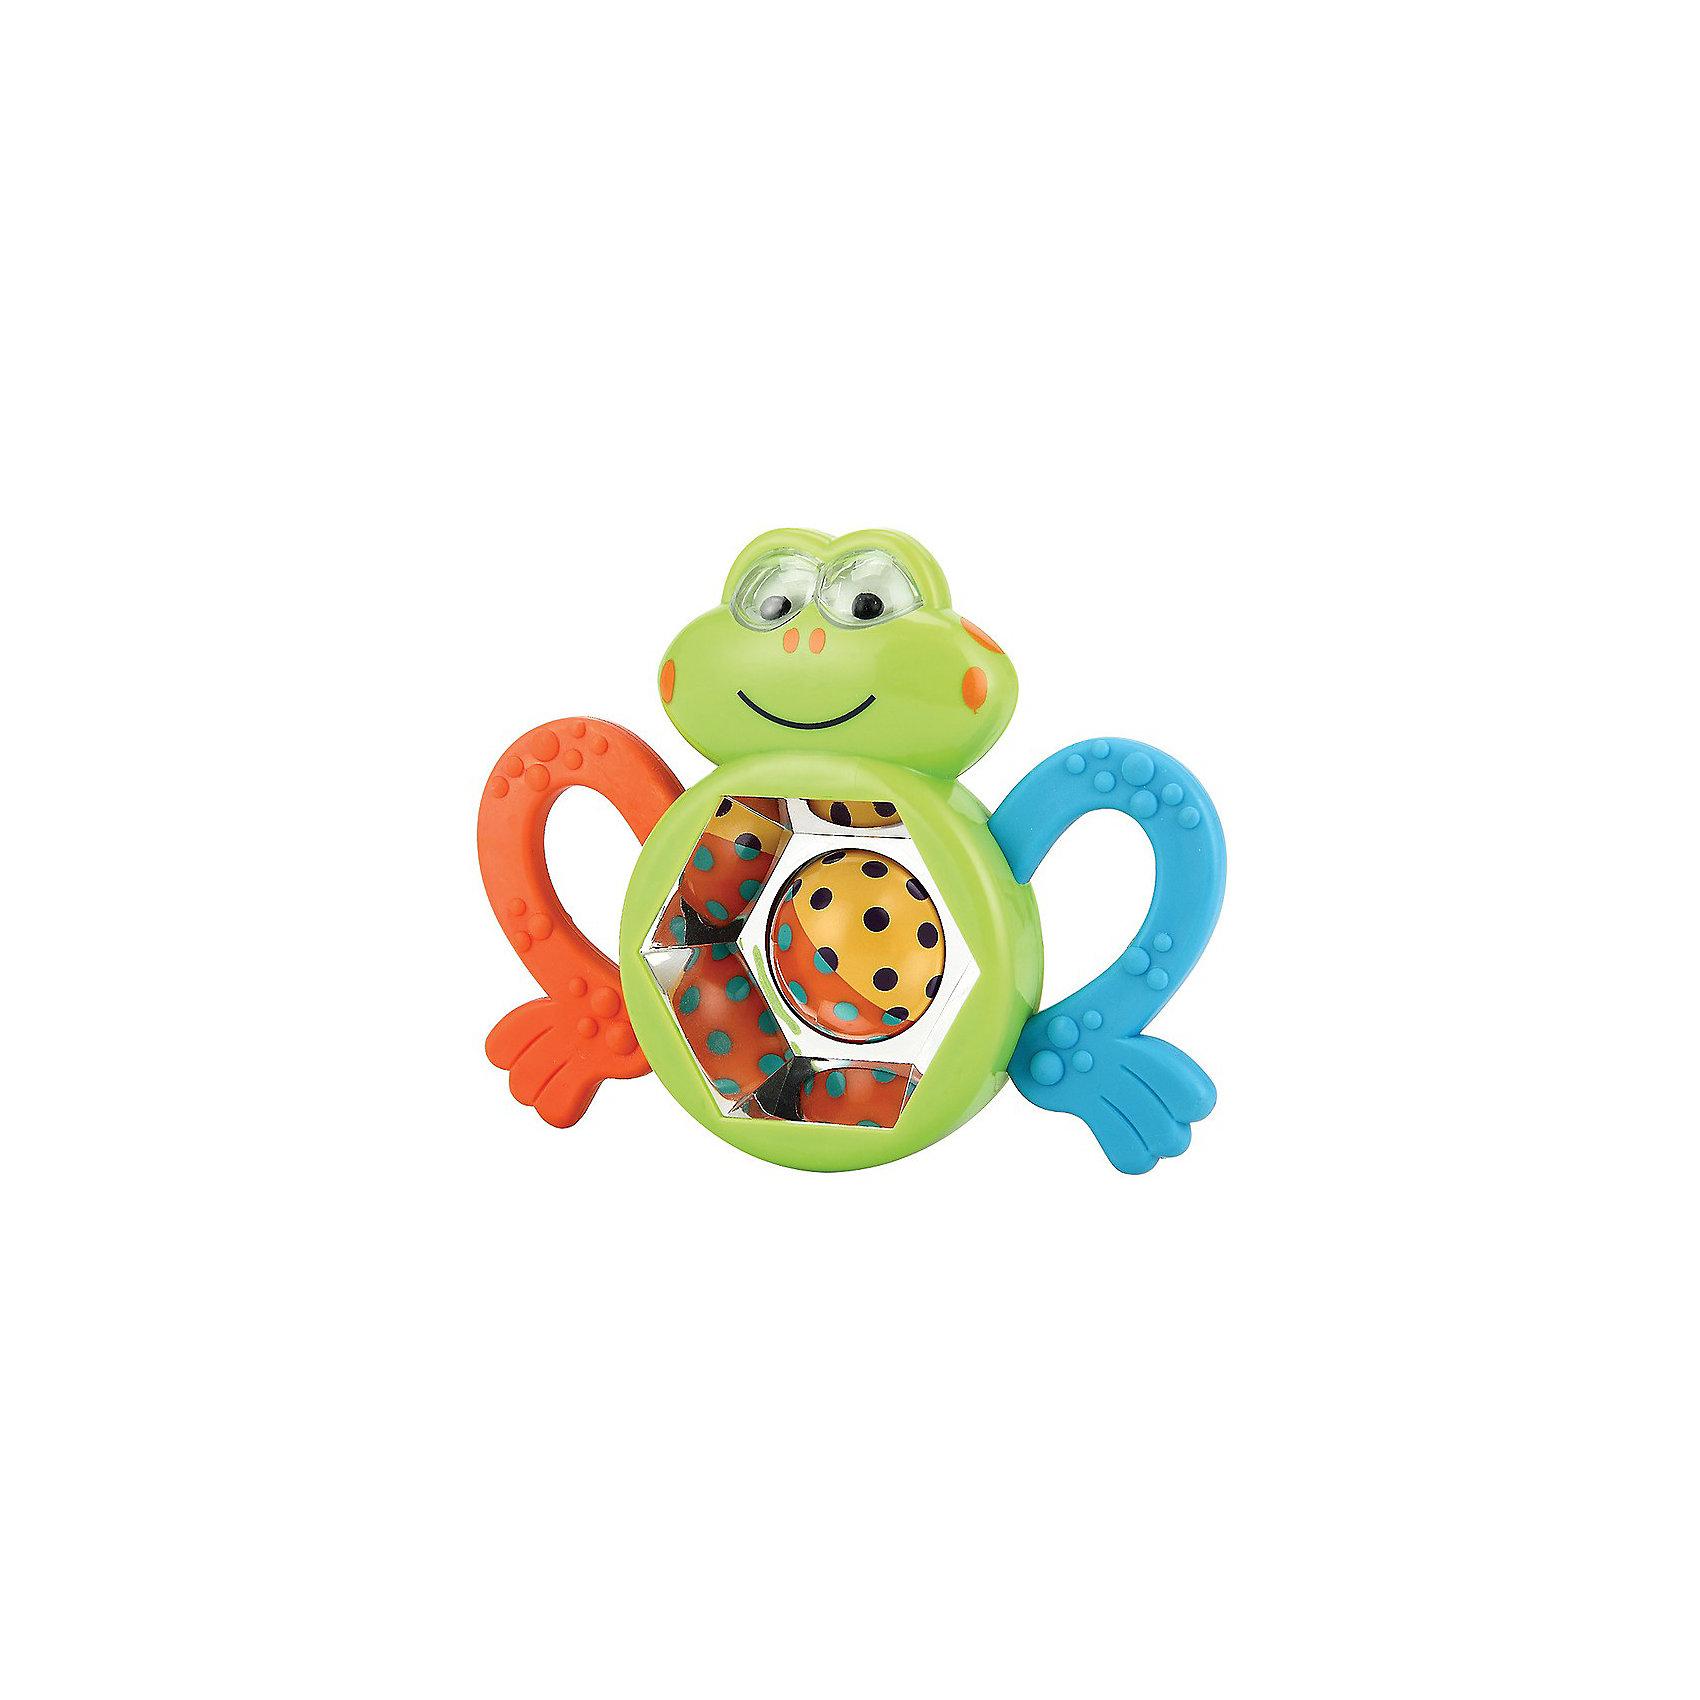 Погремушка-прорезыватель «Веселый лягушонок» FROGUS Happy BabyПрорезыватели<br>Погремушка-прорезыватель «Веселый лягушонок» FROGUS<br><br>Развивает: координацию движений; слуховое, тактильное и зрительное восприятие; познавательный интерес.<br><br>Характеристики: шарик в середине лягушонка крутится, внутри него шарики создают шумовой эффект; прорезыватели выполнены в виде лапок.<br><br>Дополнительная информация:<br><br>Материал: АБС-пластик, термопластичная резина.<br><br>Погремушка-прорезыватель «Веселый лягушонок» FROGUS Happy Baby можно купить в нашем интернет-магазине.<br><br>Ширина мм: 200<br>Глубина мм: 145<br>Высота мм: 30<br>Вес г: 100<br>Возраст от месяцев: 3<br>Возраст до месяцев: 24<br>Пол: Унисекс<br>Возраст: Детский<br>SKU: 3408928